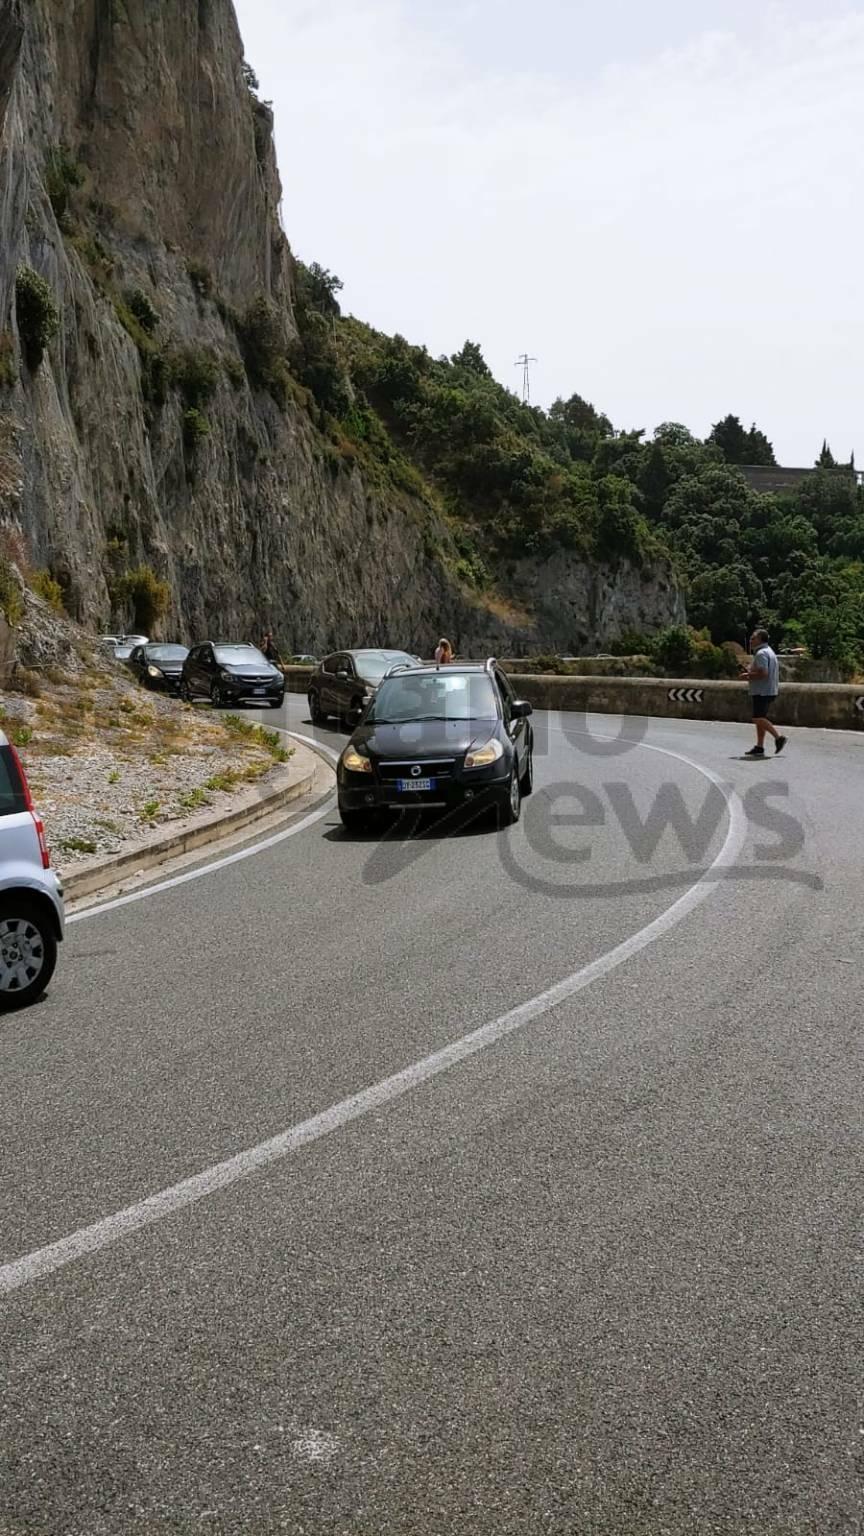 Traffico in Costiera Amalfitana: auto paralizzate da Salerno e Cetara in direzione Maiori